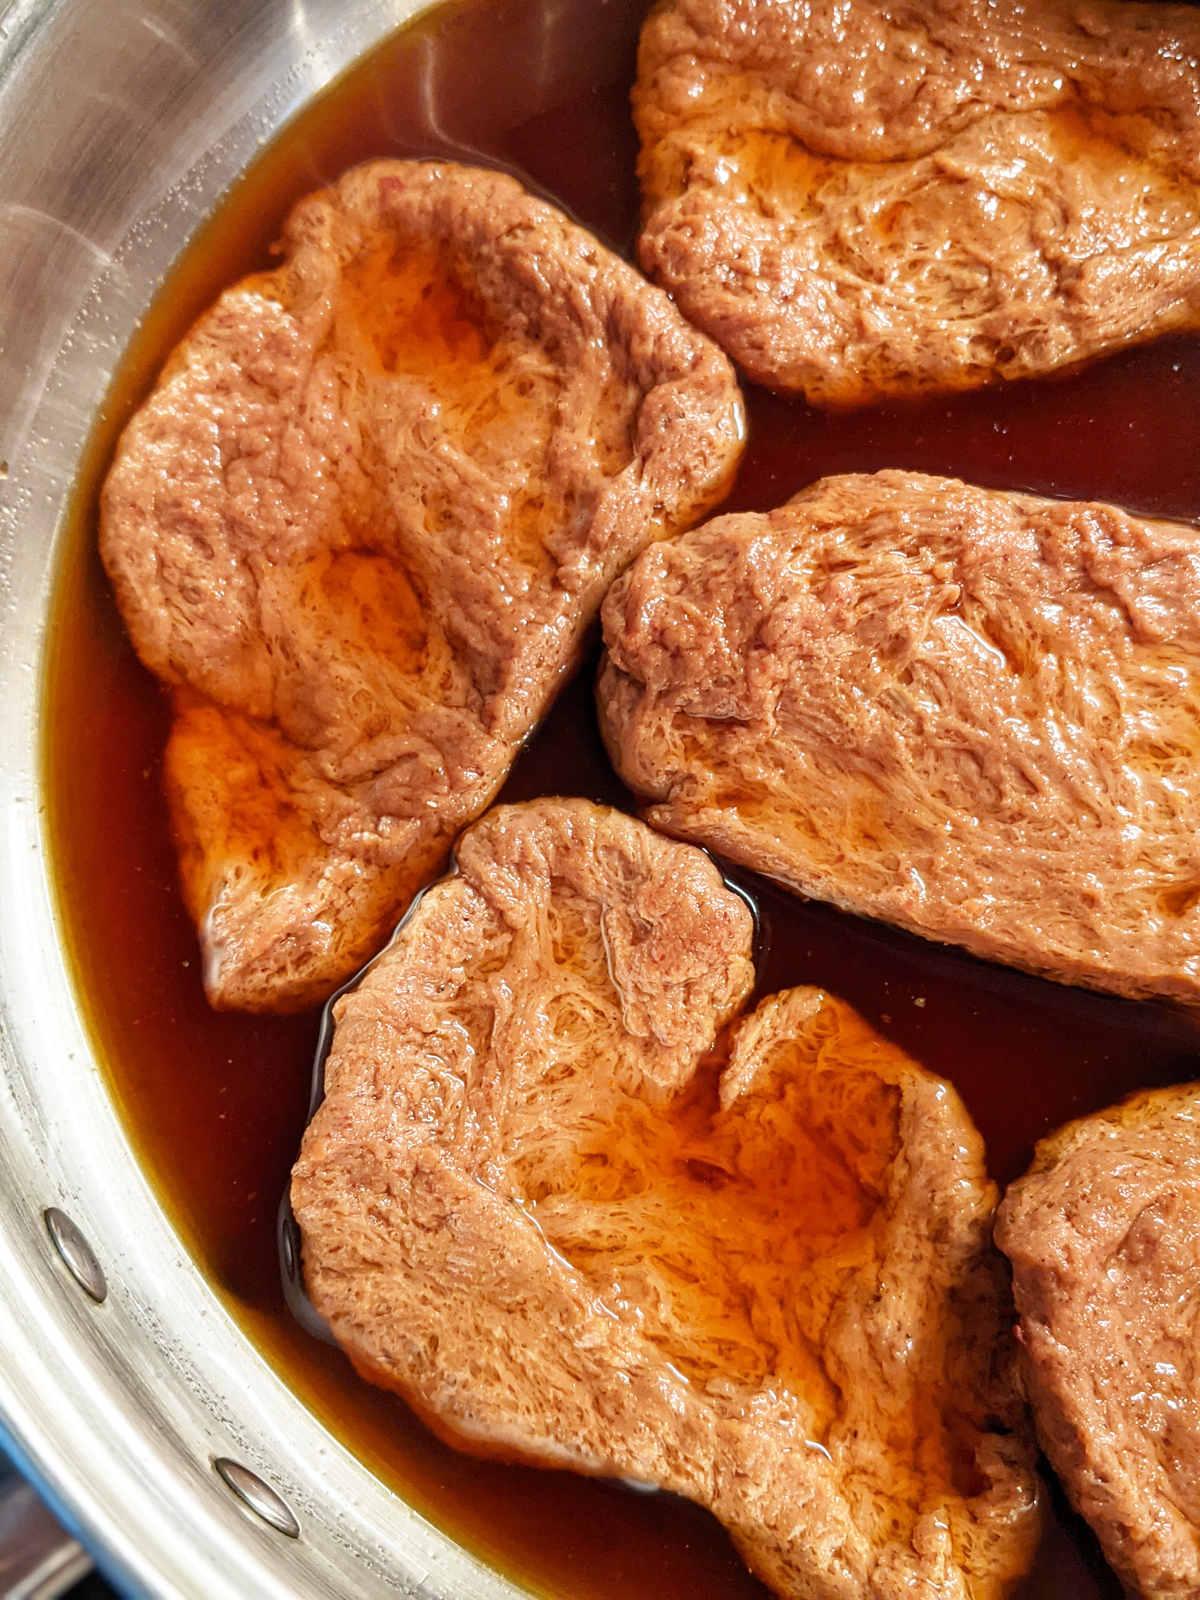 Vegan steaks in broth in a skillet